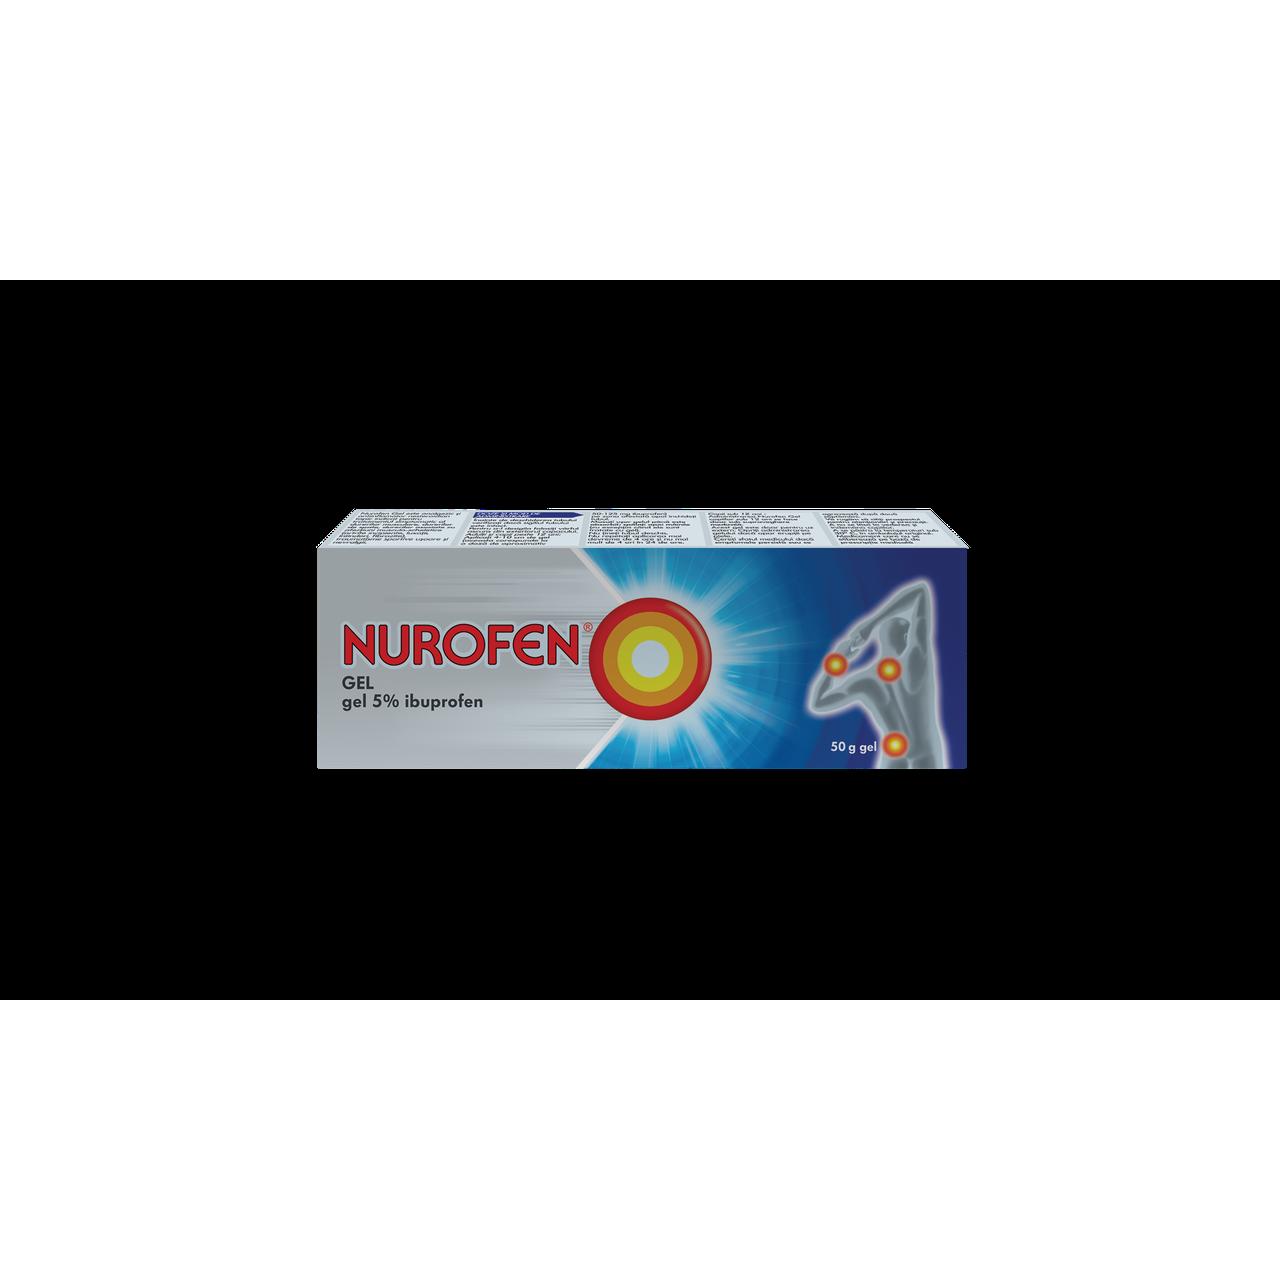 unguent pentru durerile de spate preparate pentru circulația sângelui pentru osteochondroza cervicală